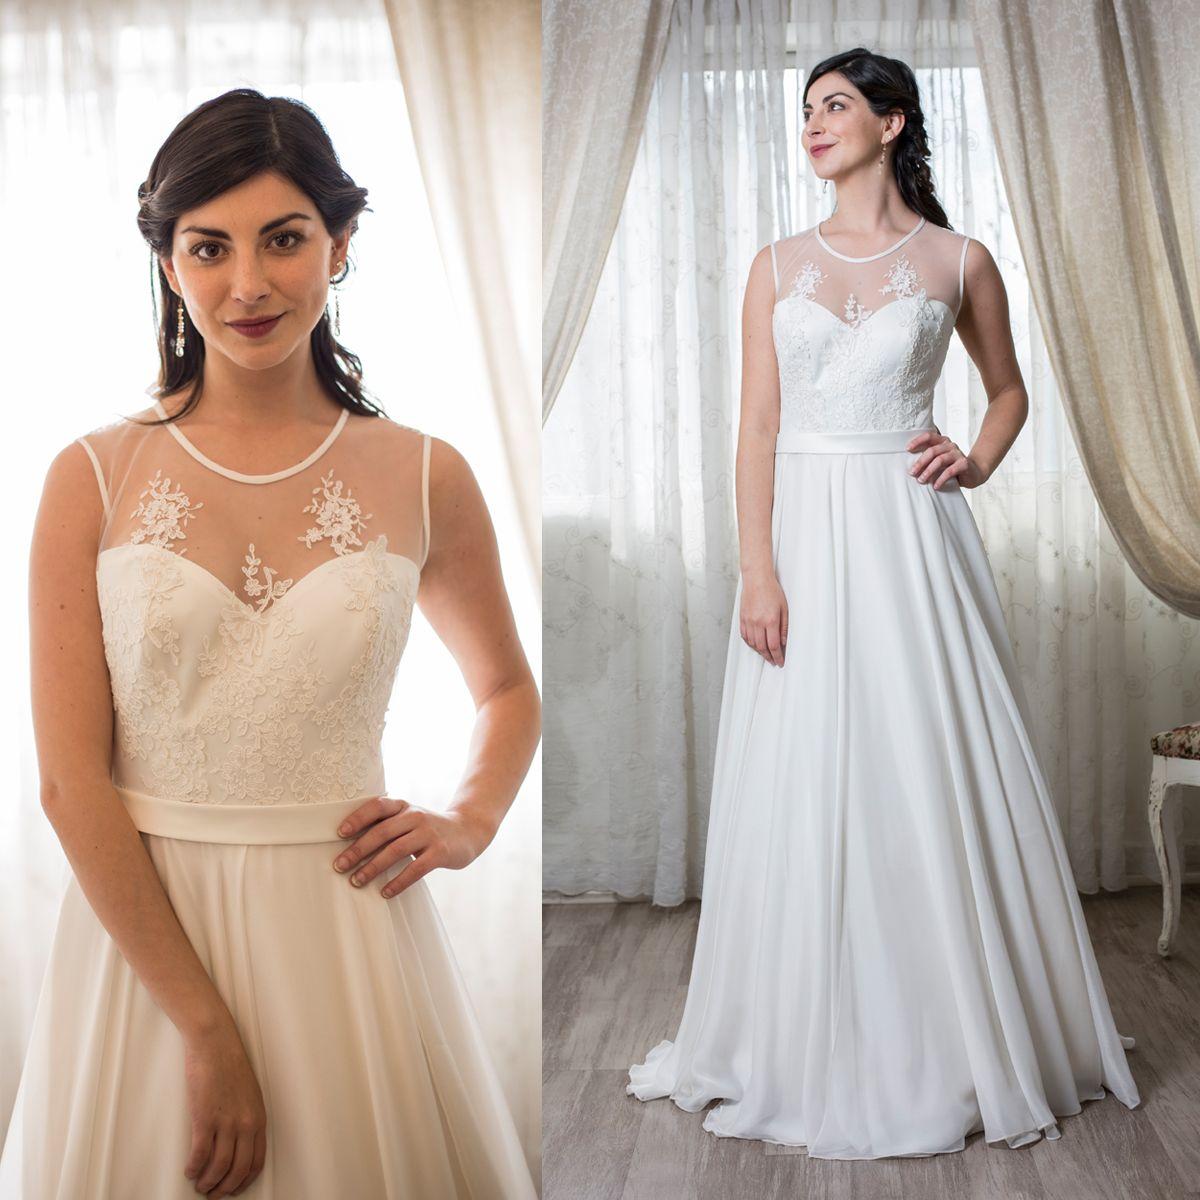 Vestido de novia escote ilusión illusion neckline wedding dresses